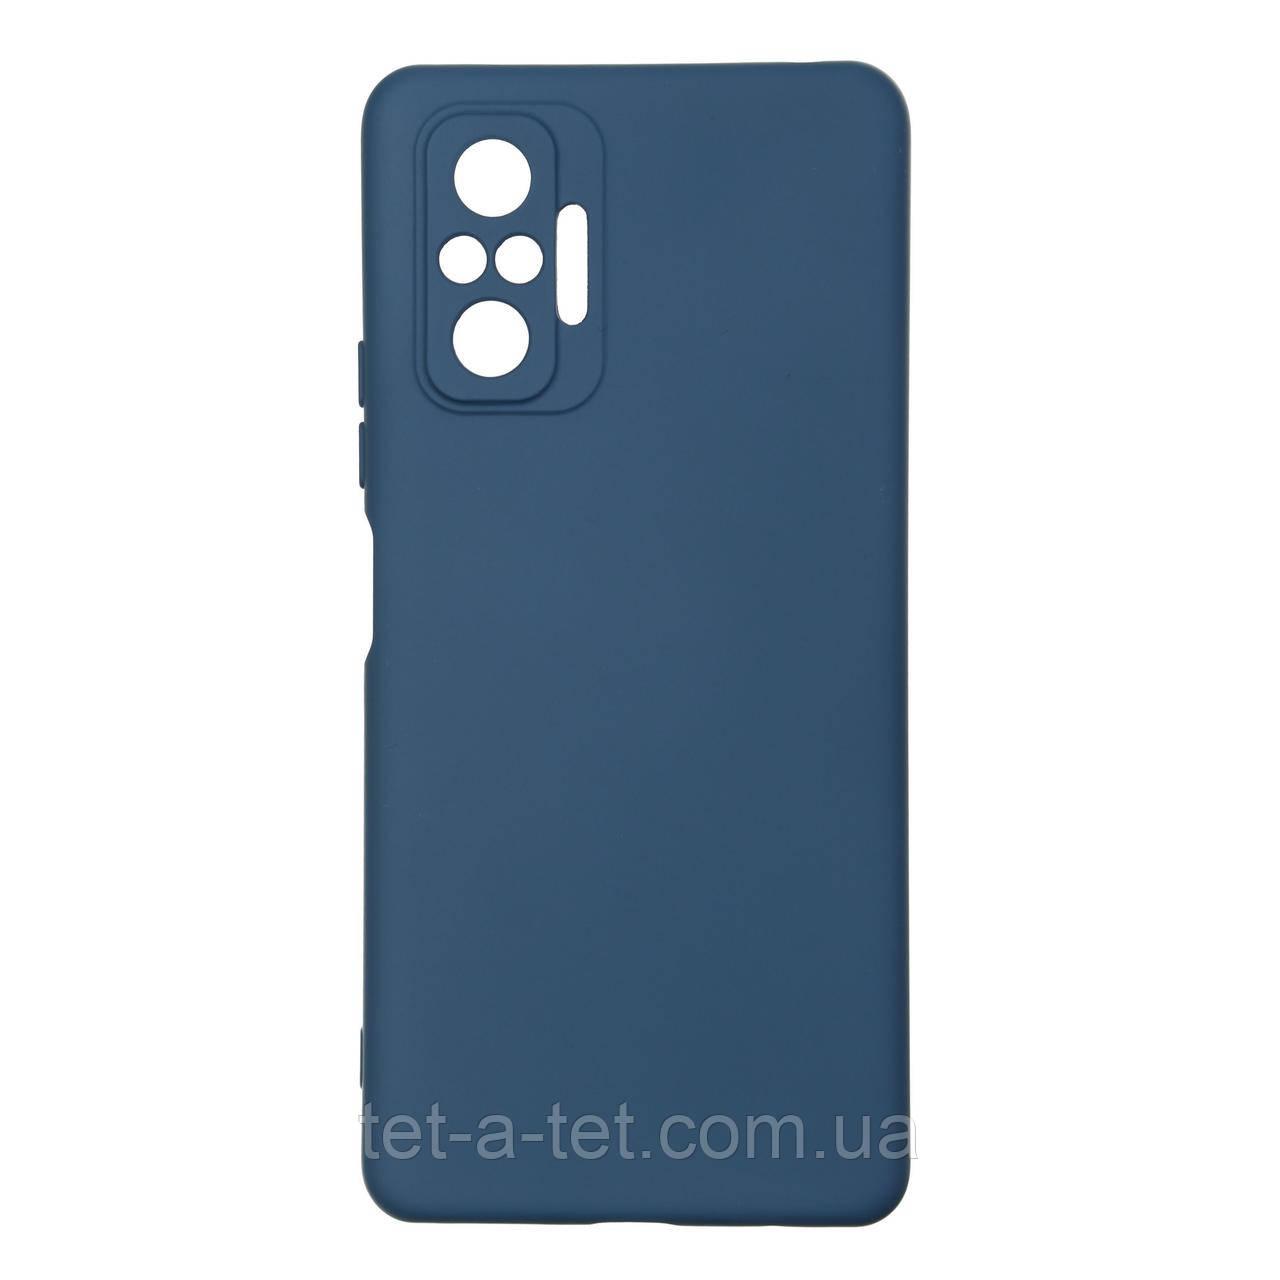 Силіконовий чохол ICON Case for Xiaomi Redmi Note 10 Pro Dark Blue (Темно-Синій)